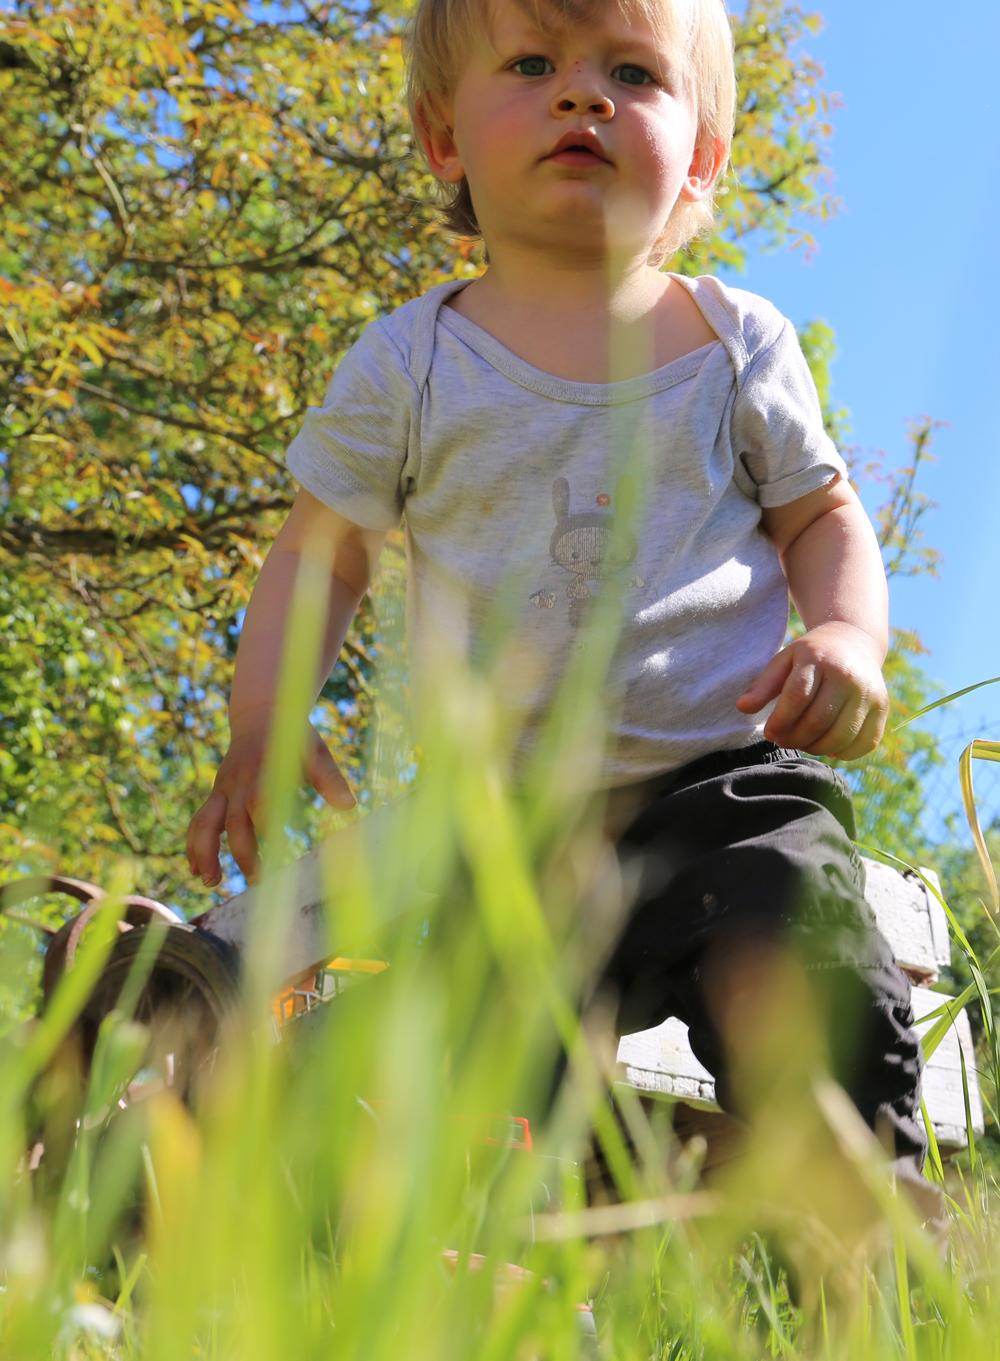 enfant perdu dans les herbes hautes de la bourgogne